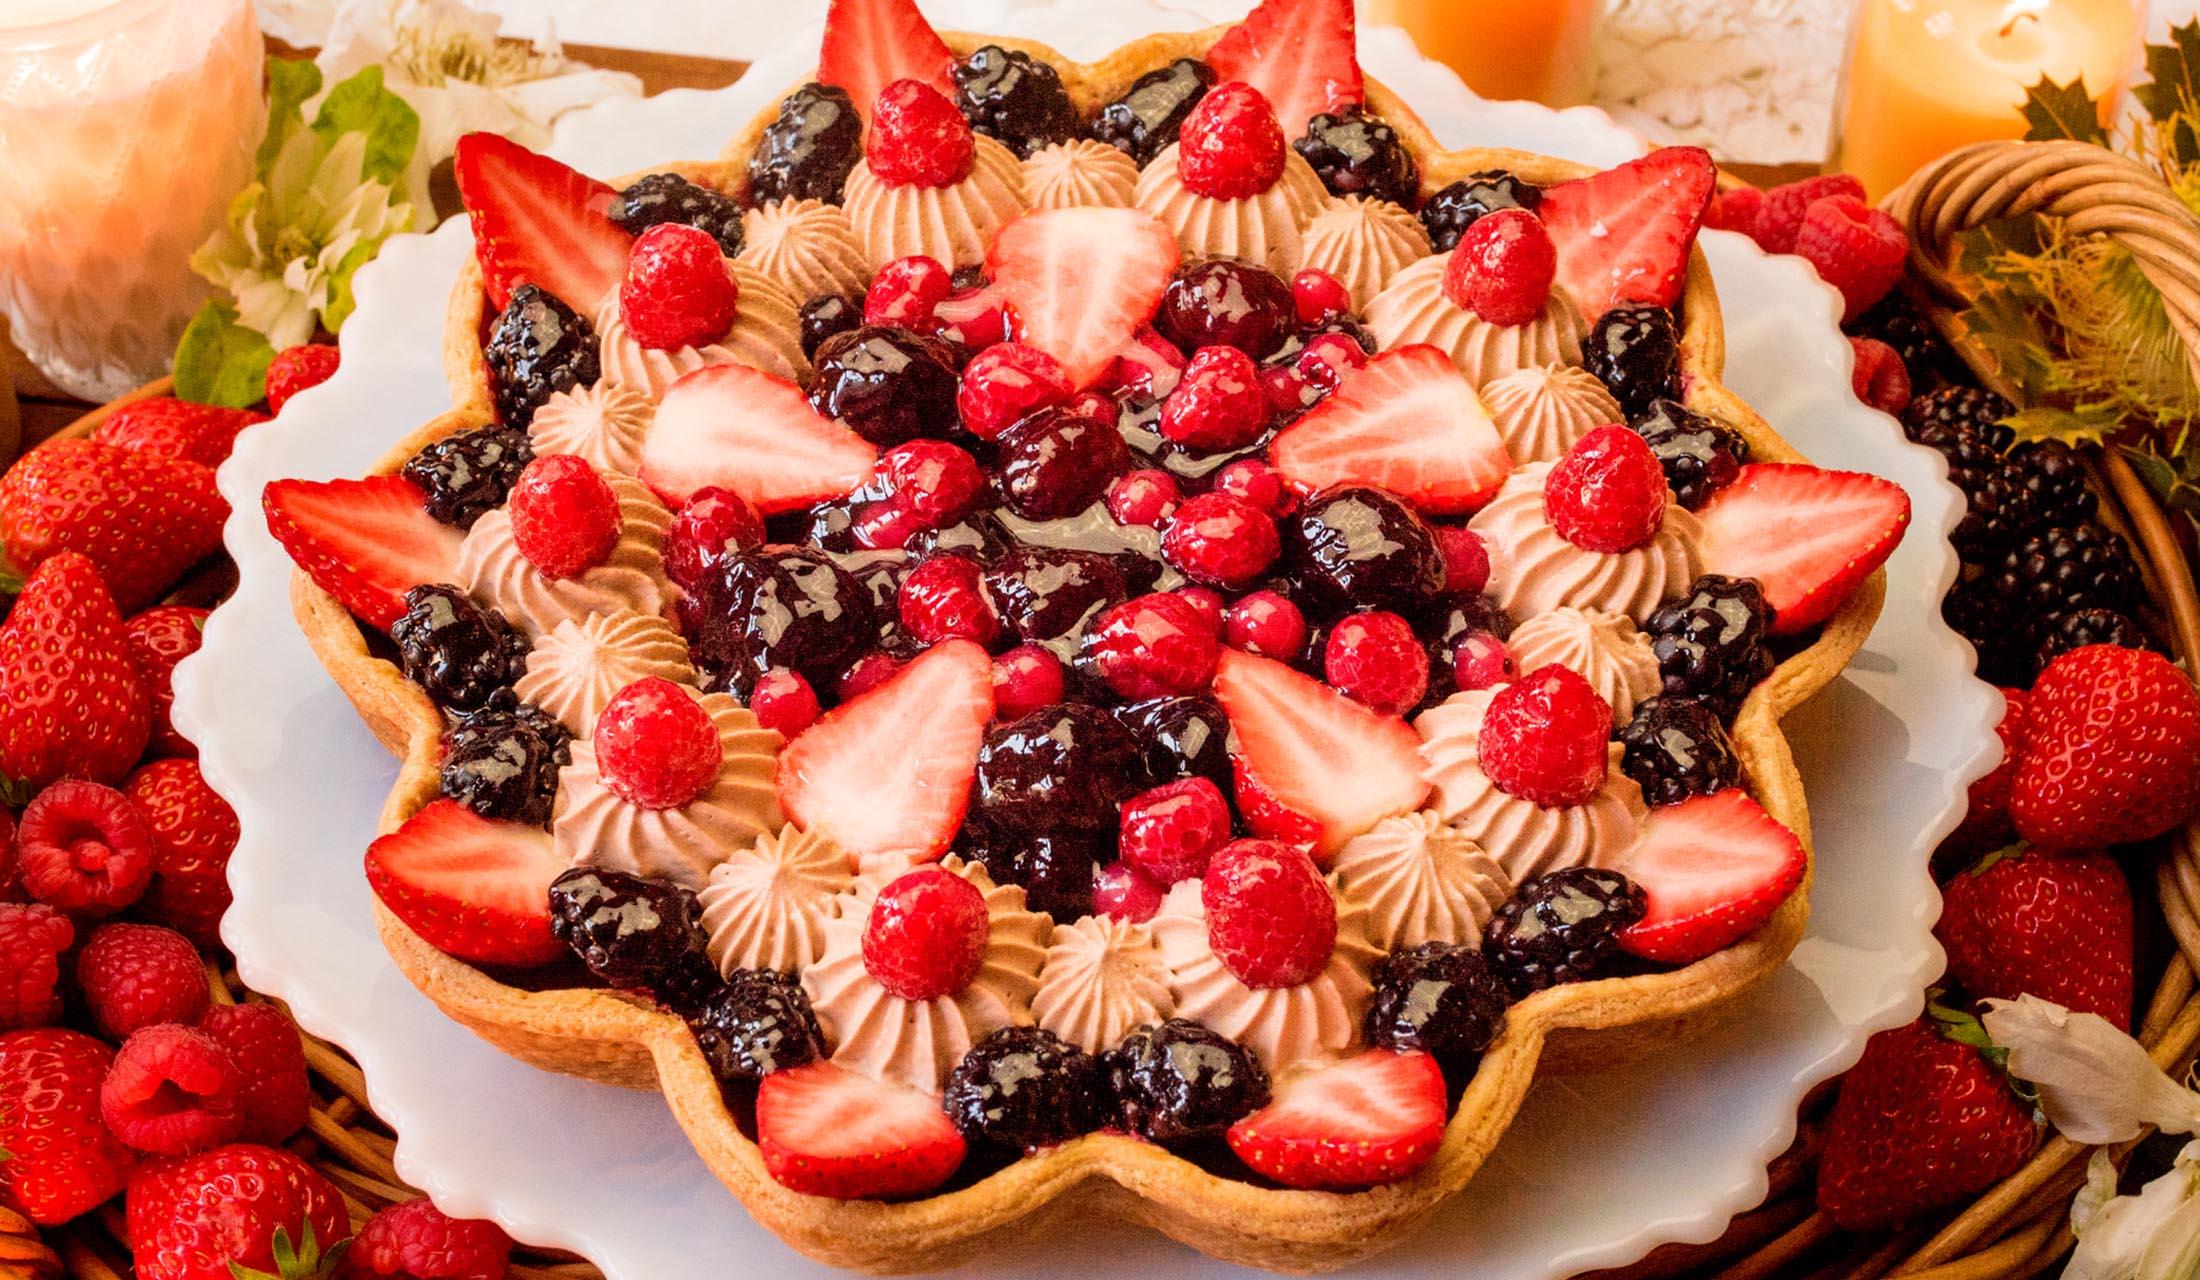 キル フェ ボン(Quil Fait Bon)の「輪花型 ミックスベリーのキャンドルナイトケーキ」